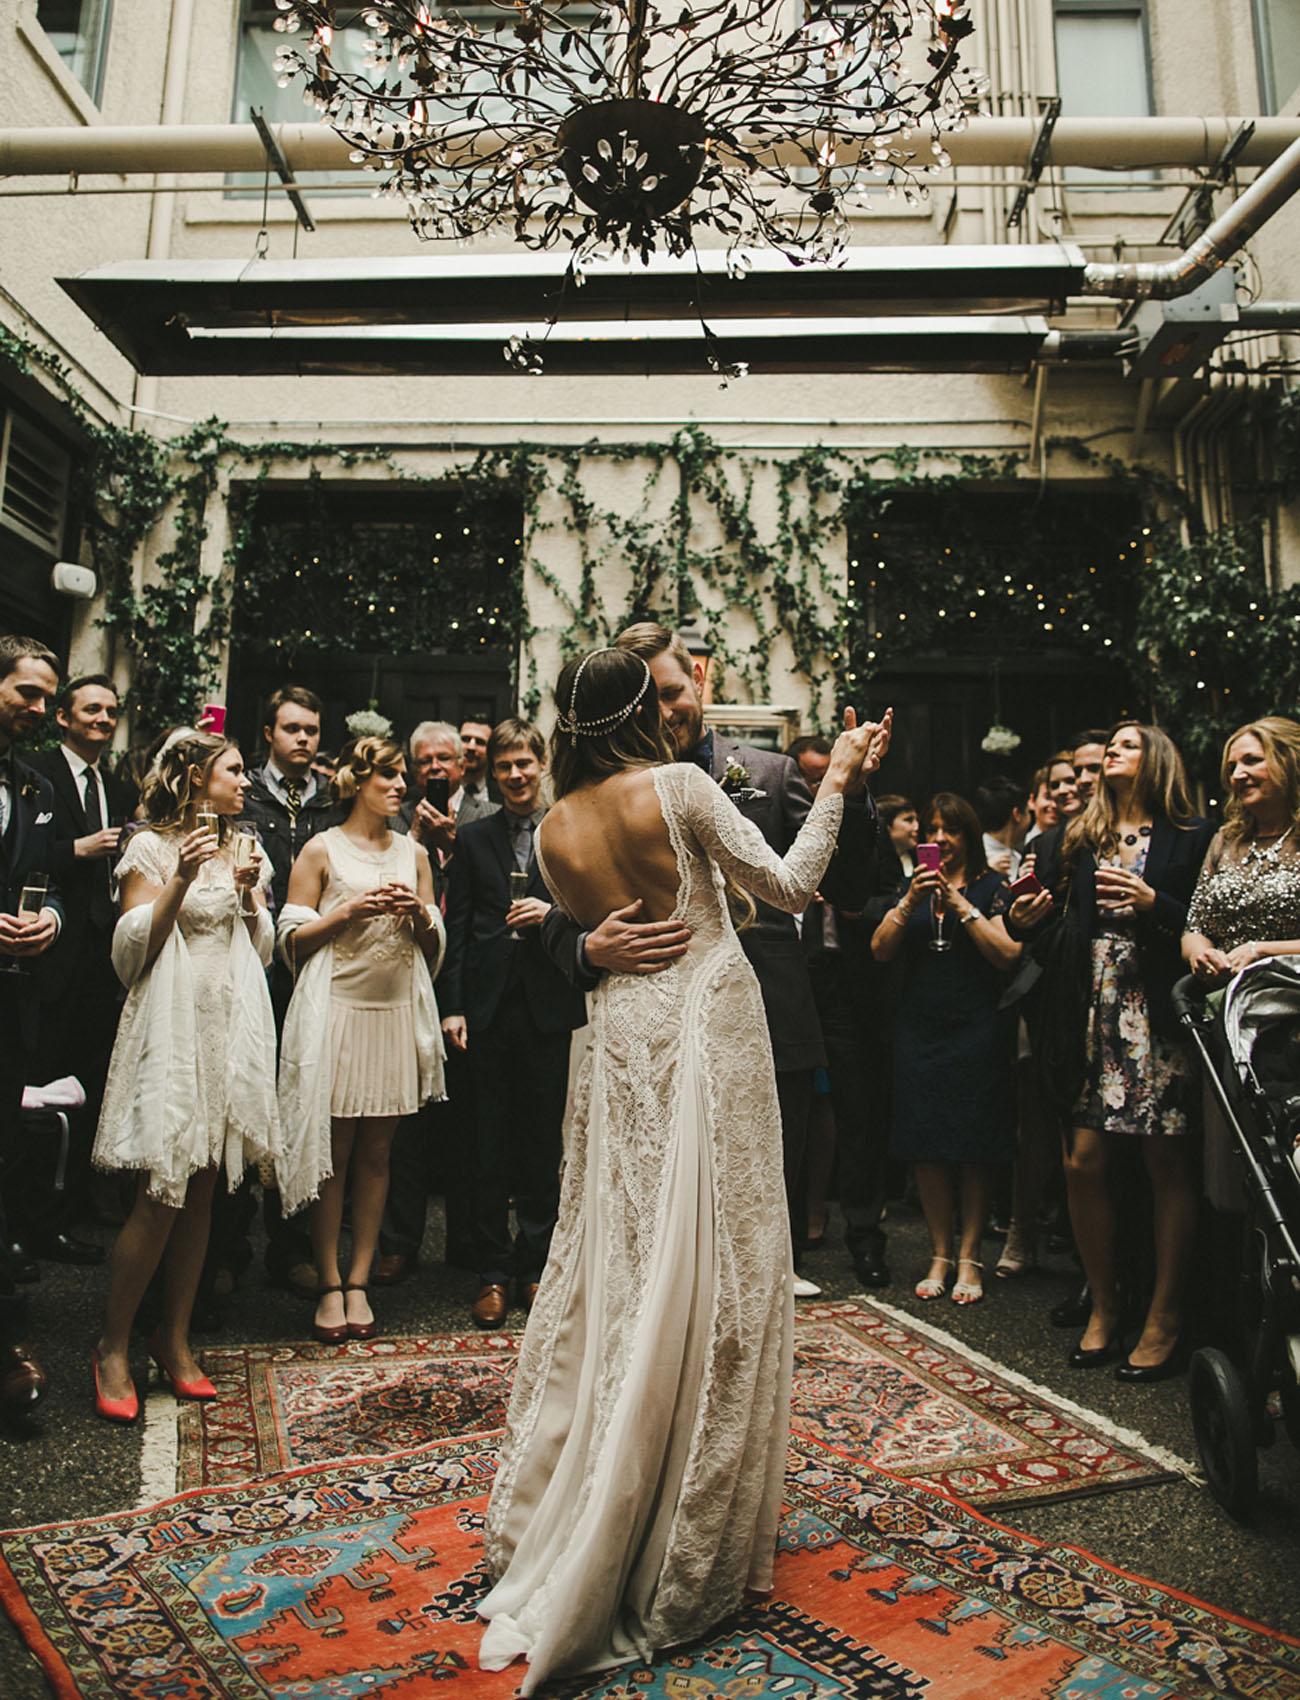 Wedding Dance Bands 86 Superb first dance